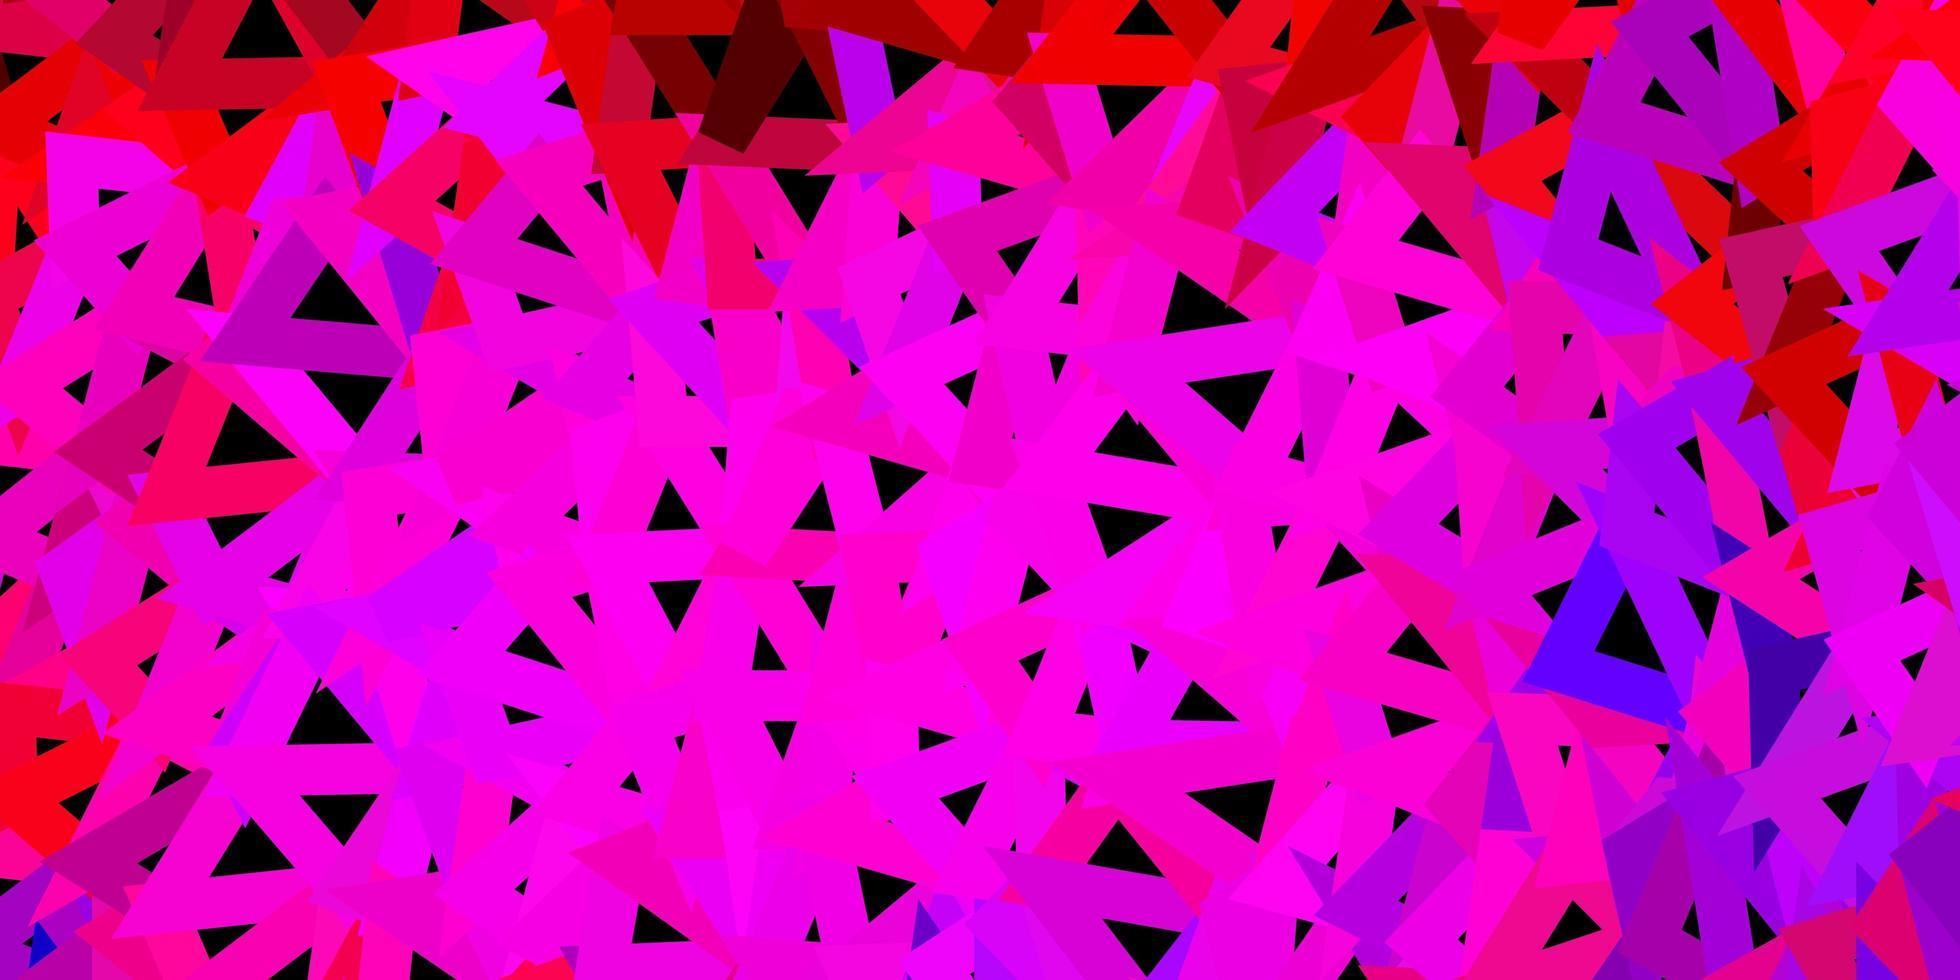 papel tapiz poligonal geométrico rosa claro, rojo vector. vector